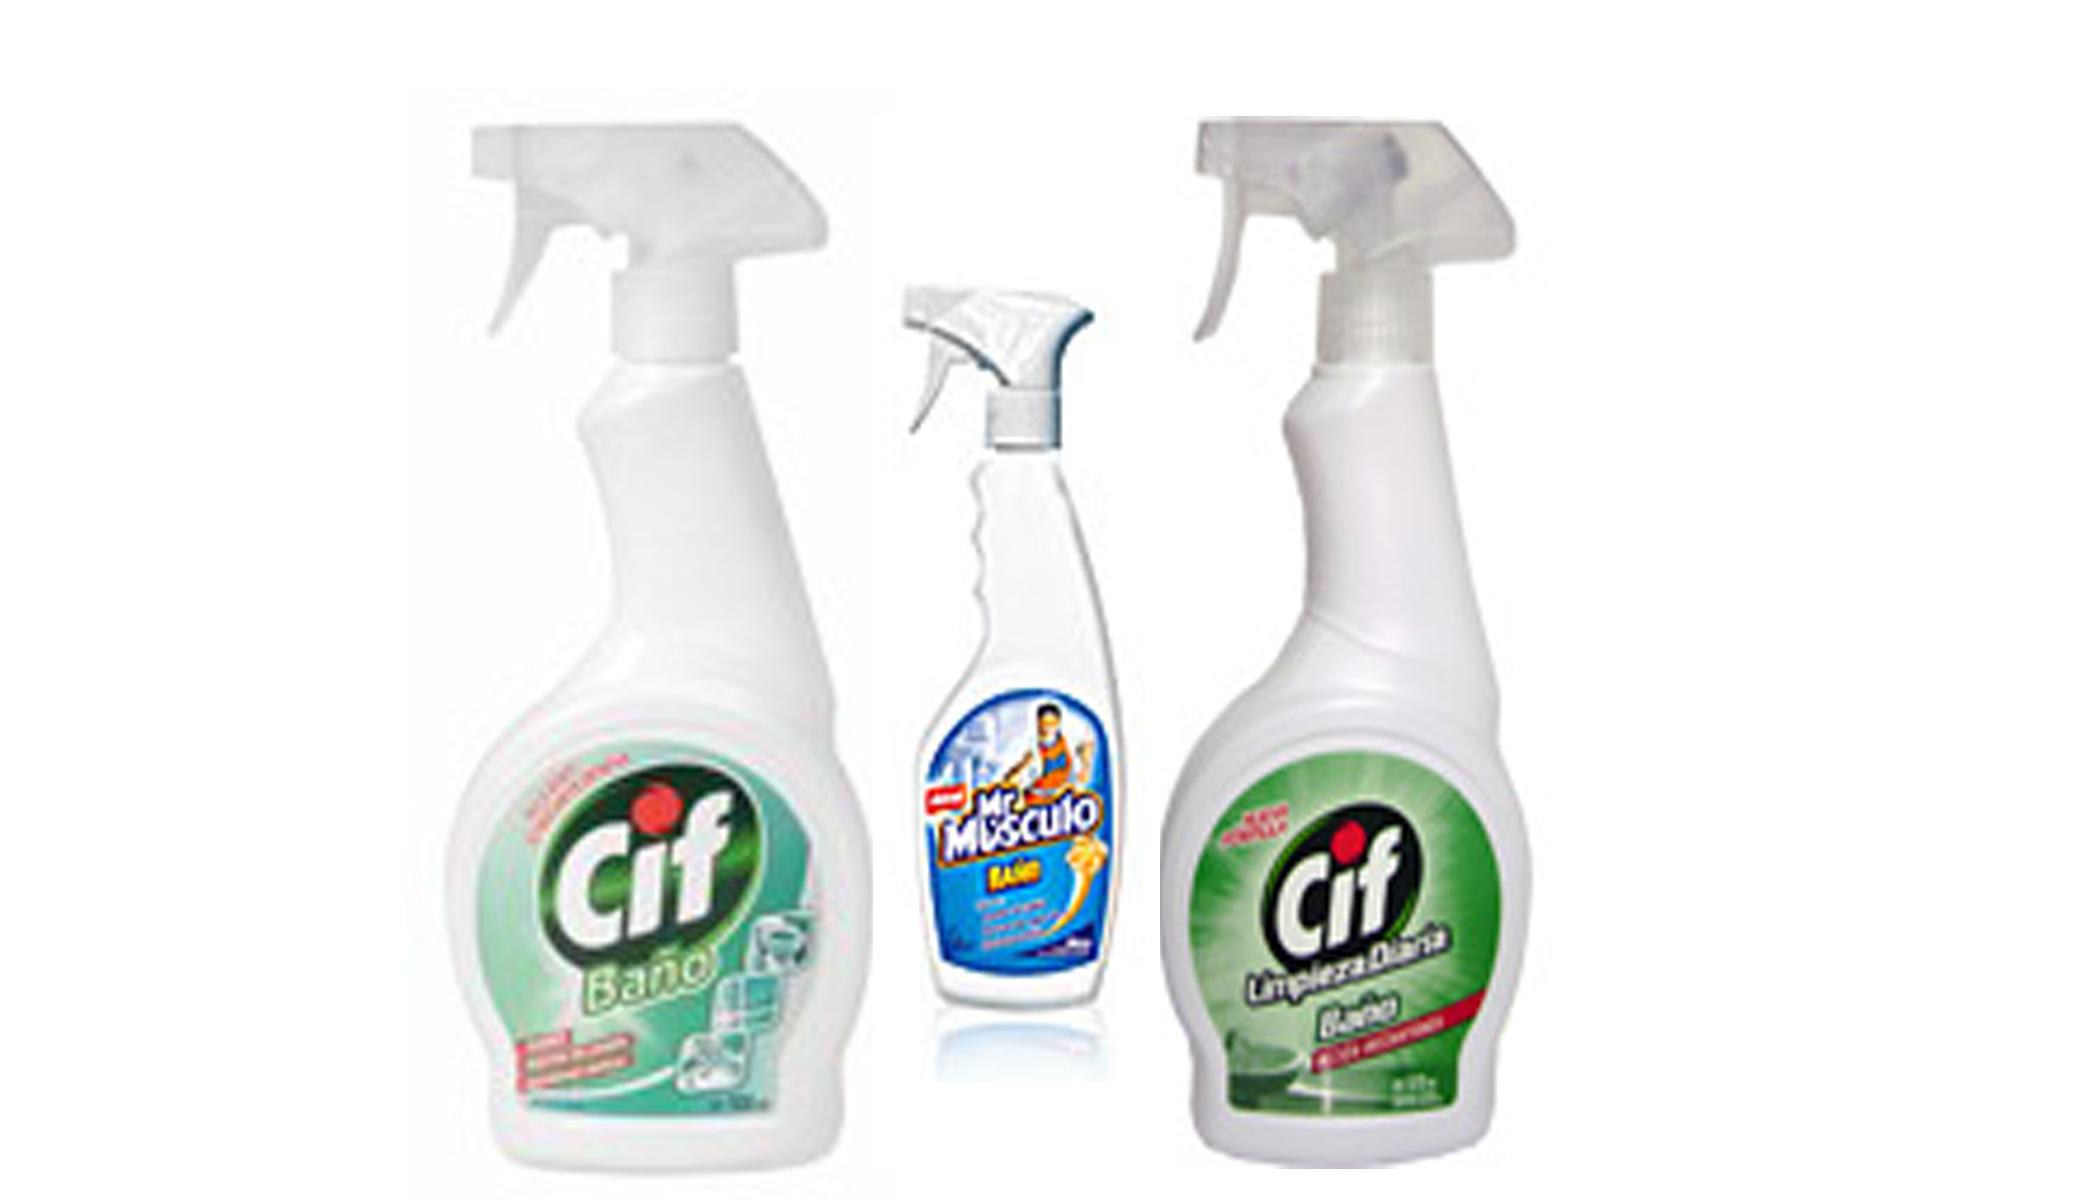 Productos para limpiar el ba o medidas de cajones de - Como limpiar el moho del bano ...